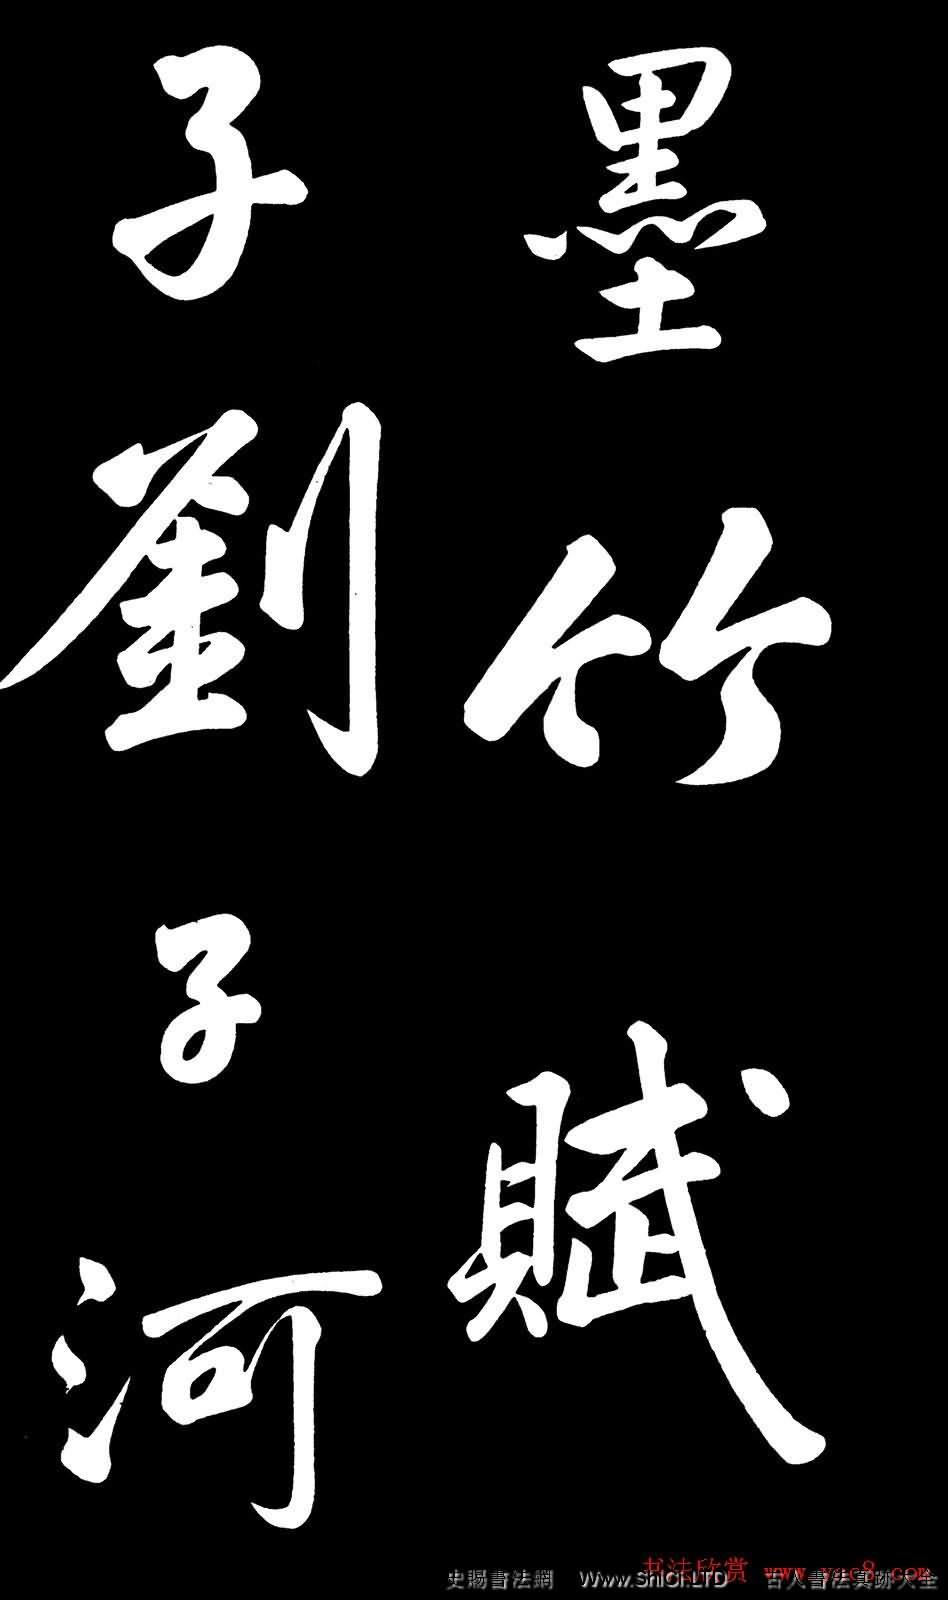 乾隆御筆臨黃庭堅劉明仲墨竹賦帖高清圖(共2張圖片)